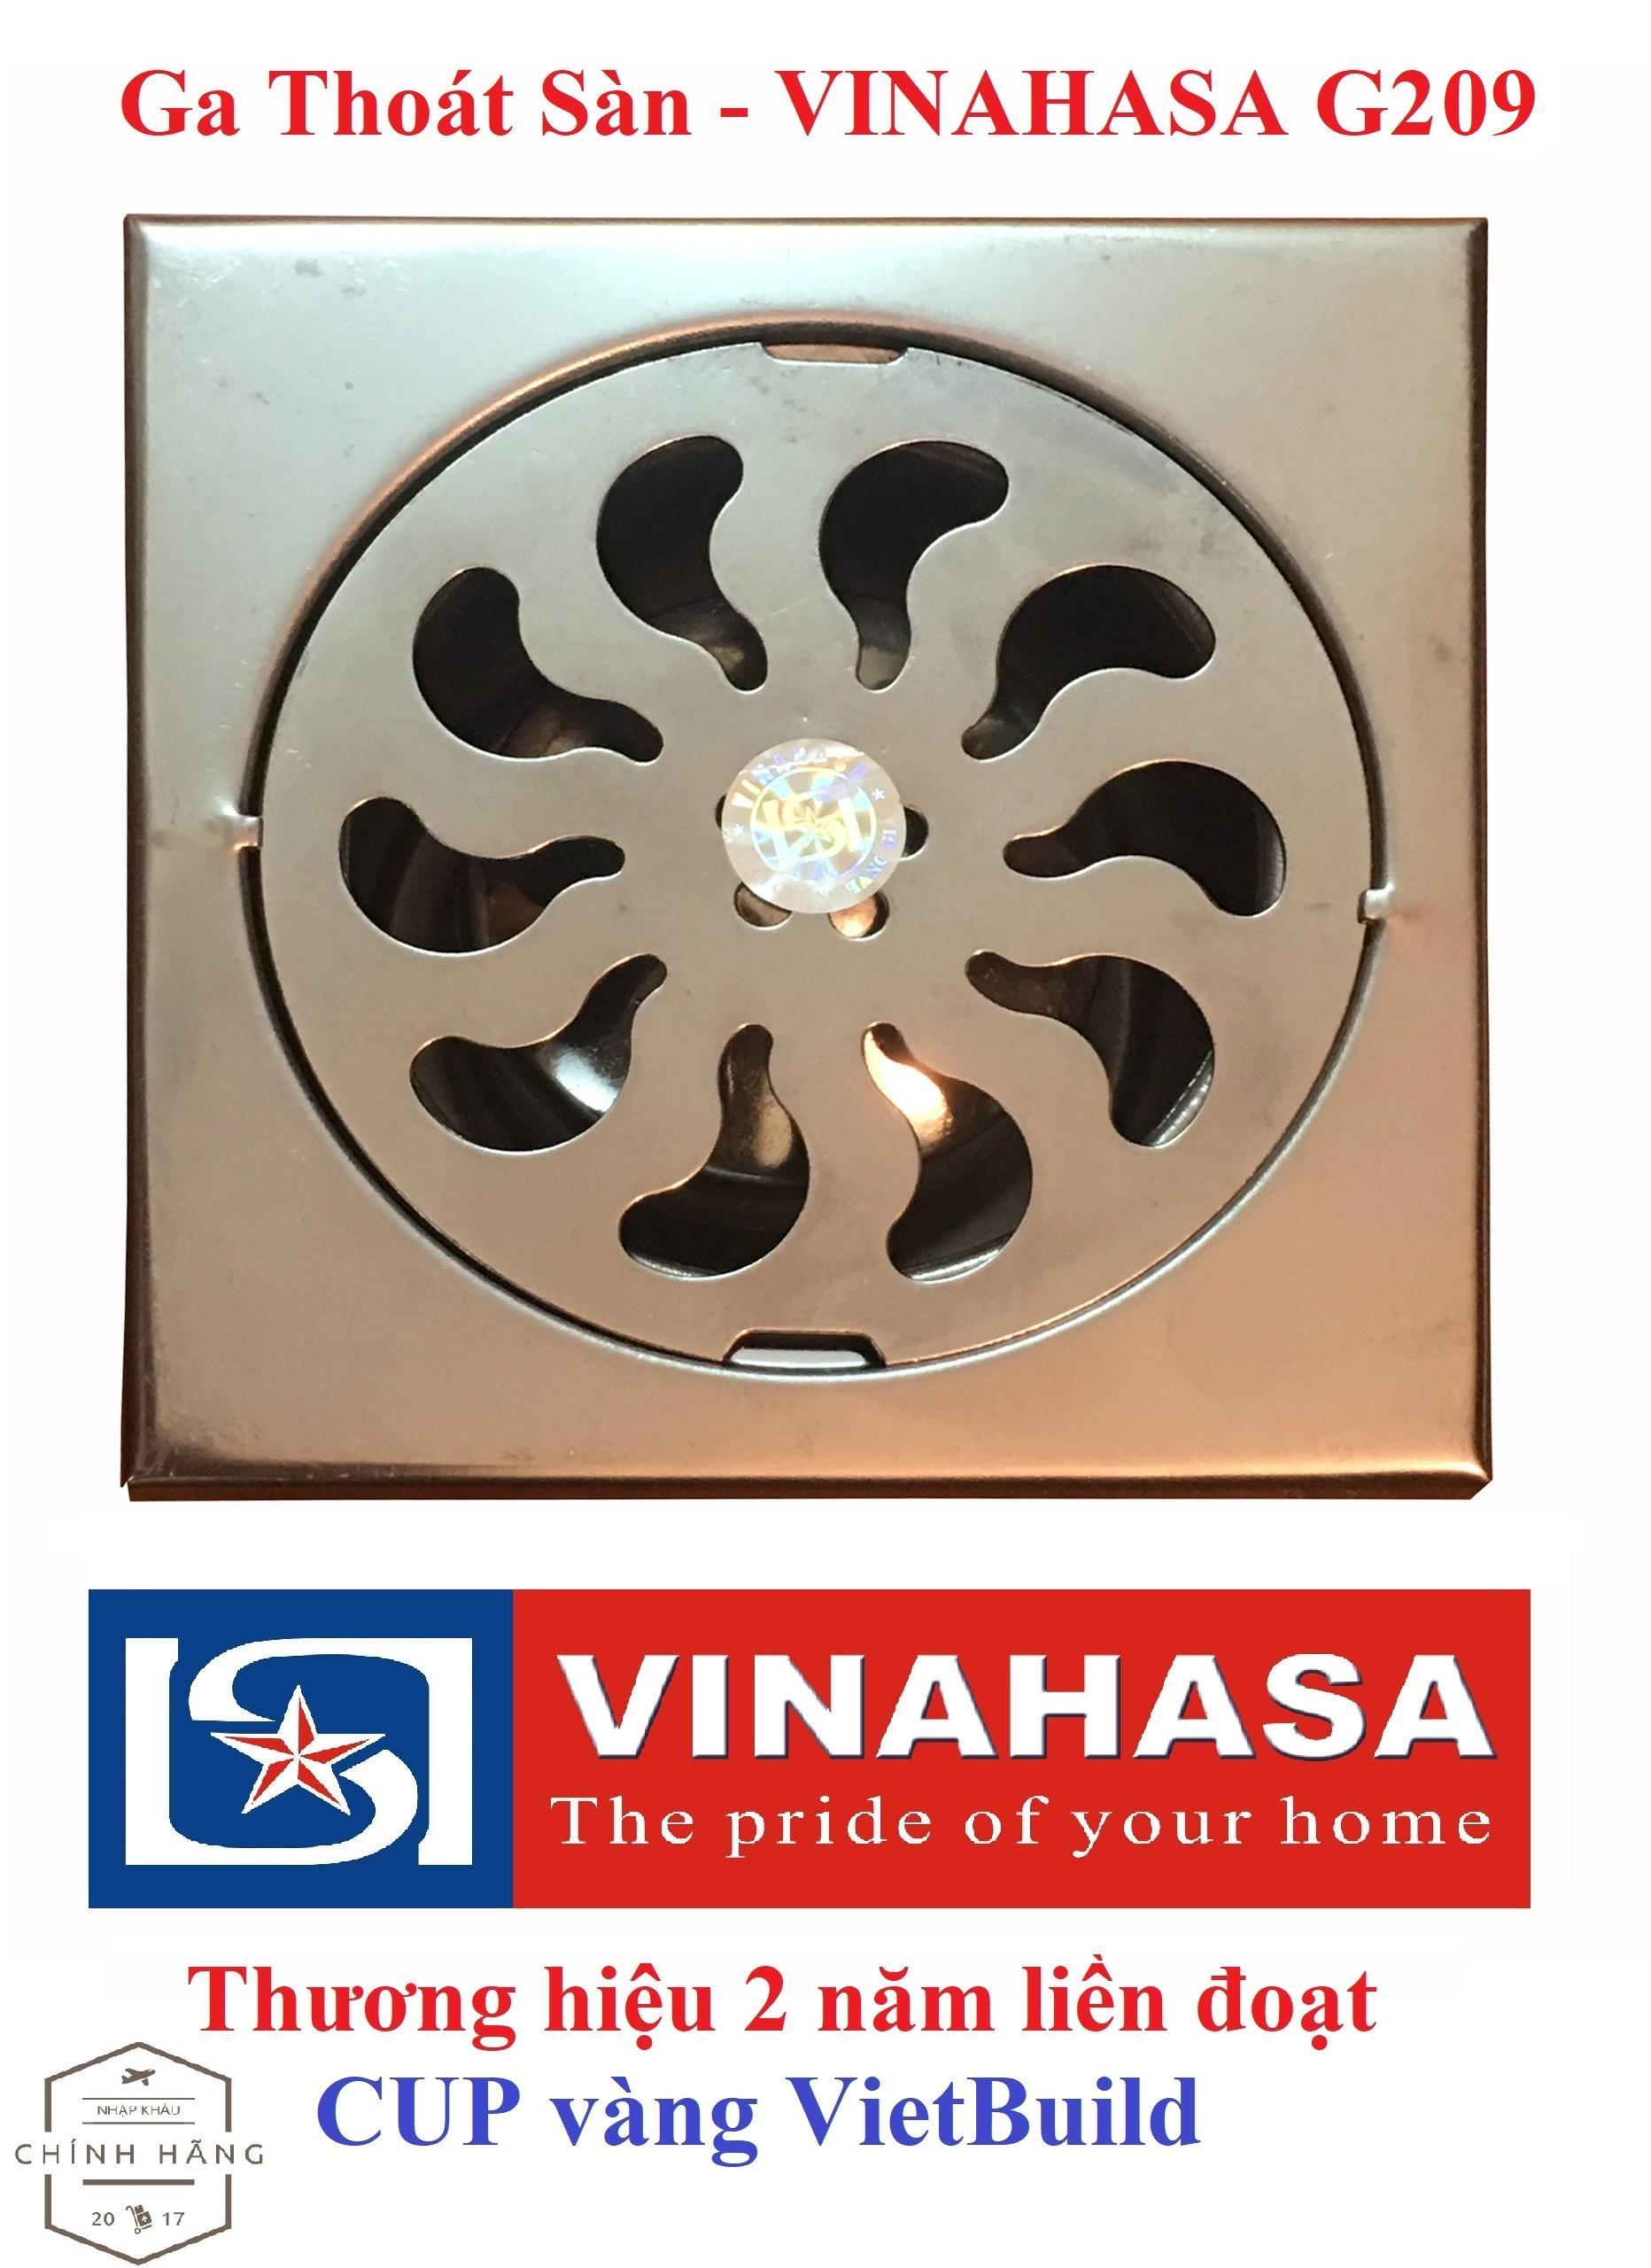 Ga thoát sàn – phễu thoát sàn INOX Vinahasa 12x12cm Phi 90mm Chống Hôi – Lọc Rác 2 lớp hiệu quả G209 (Bảo hành 12 tháng – 1 đổi 1 trong 7 ngày)